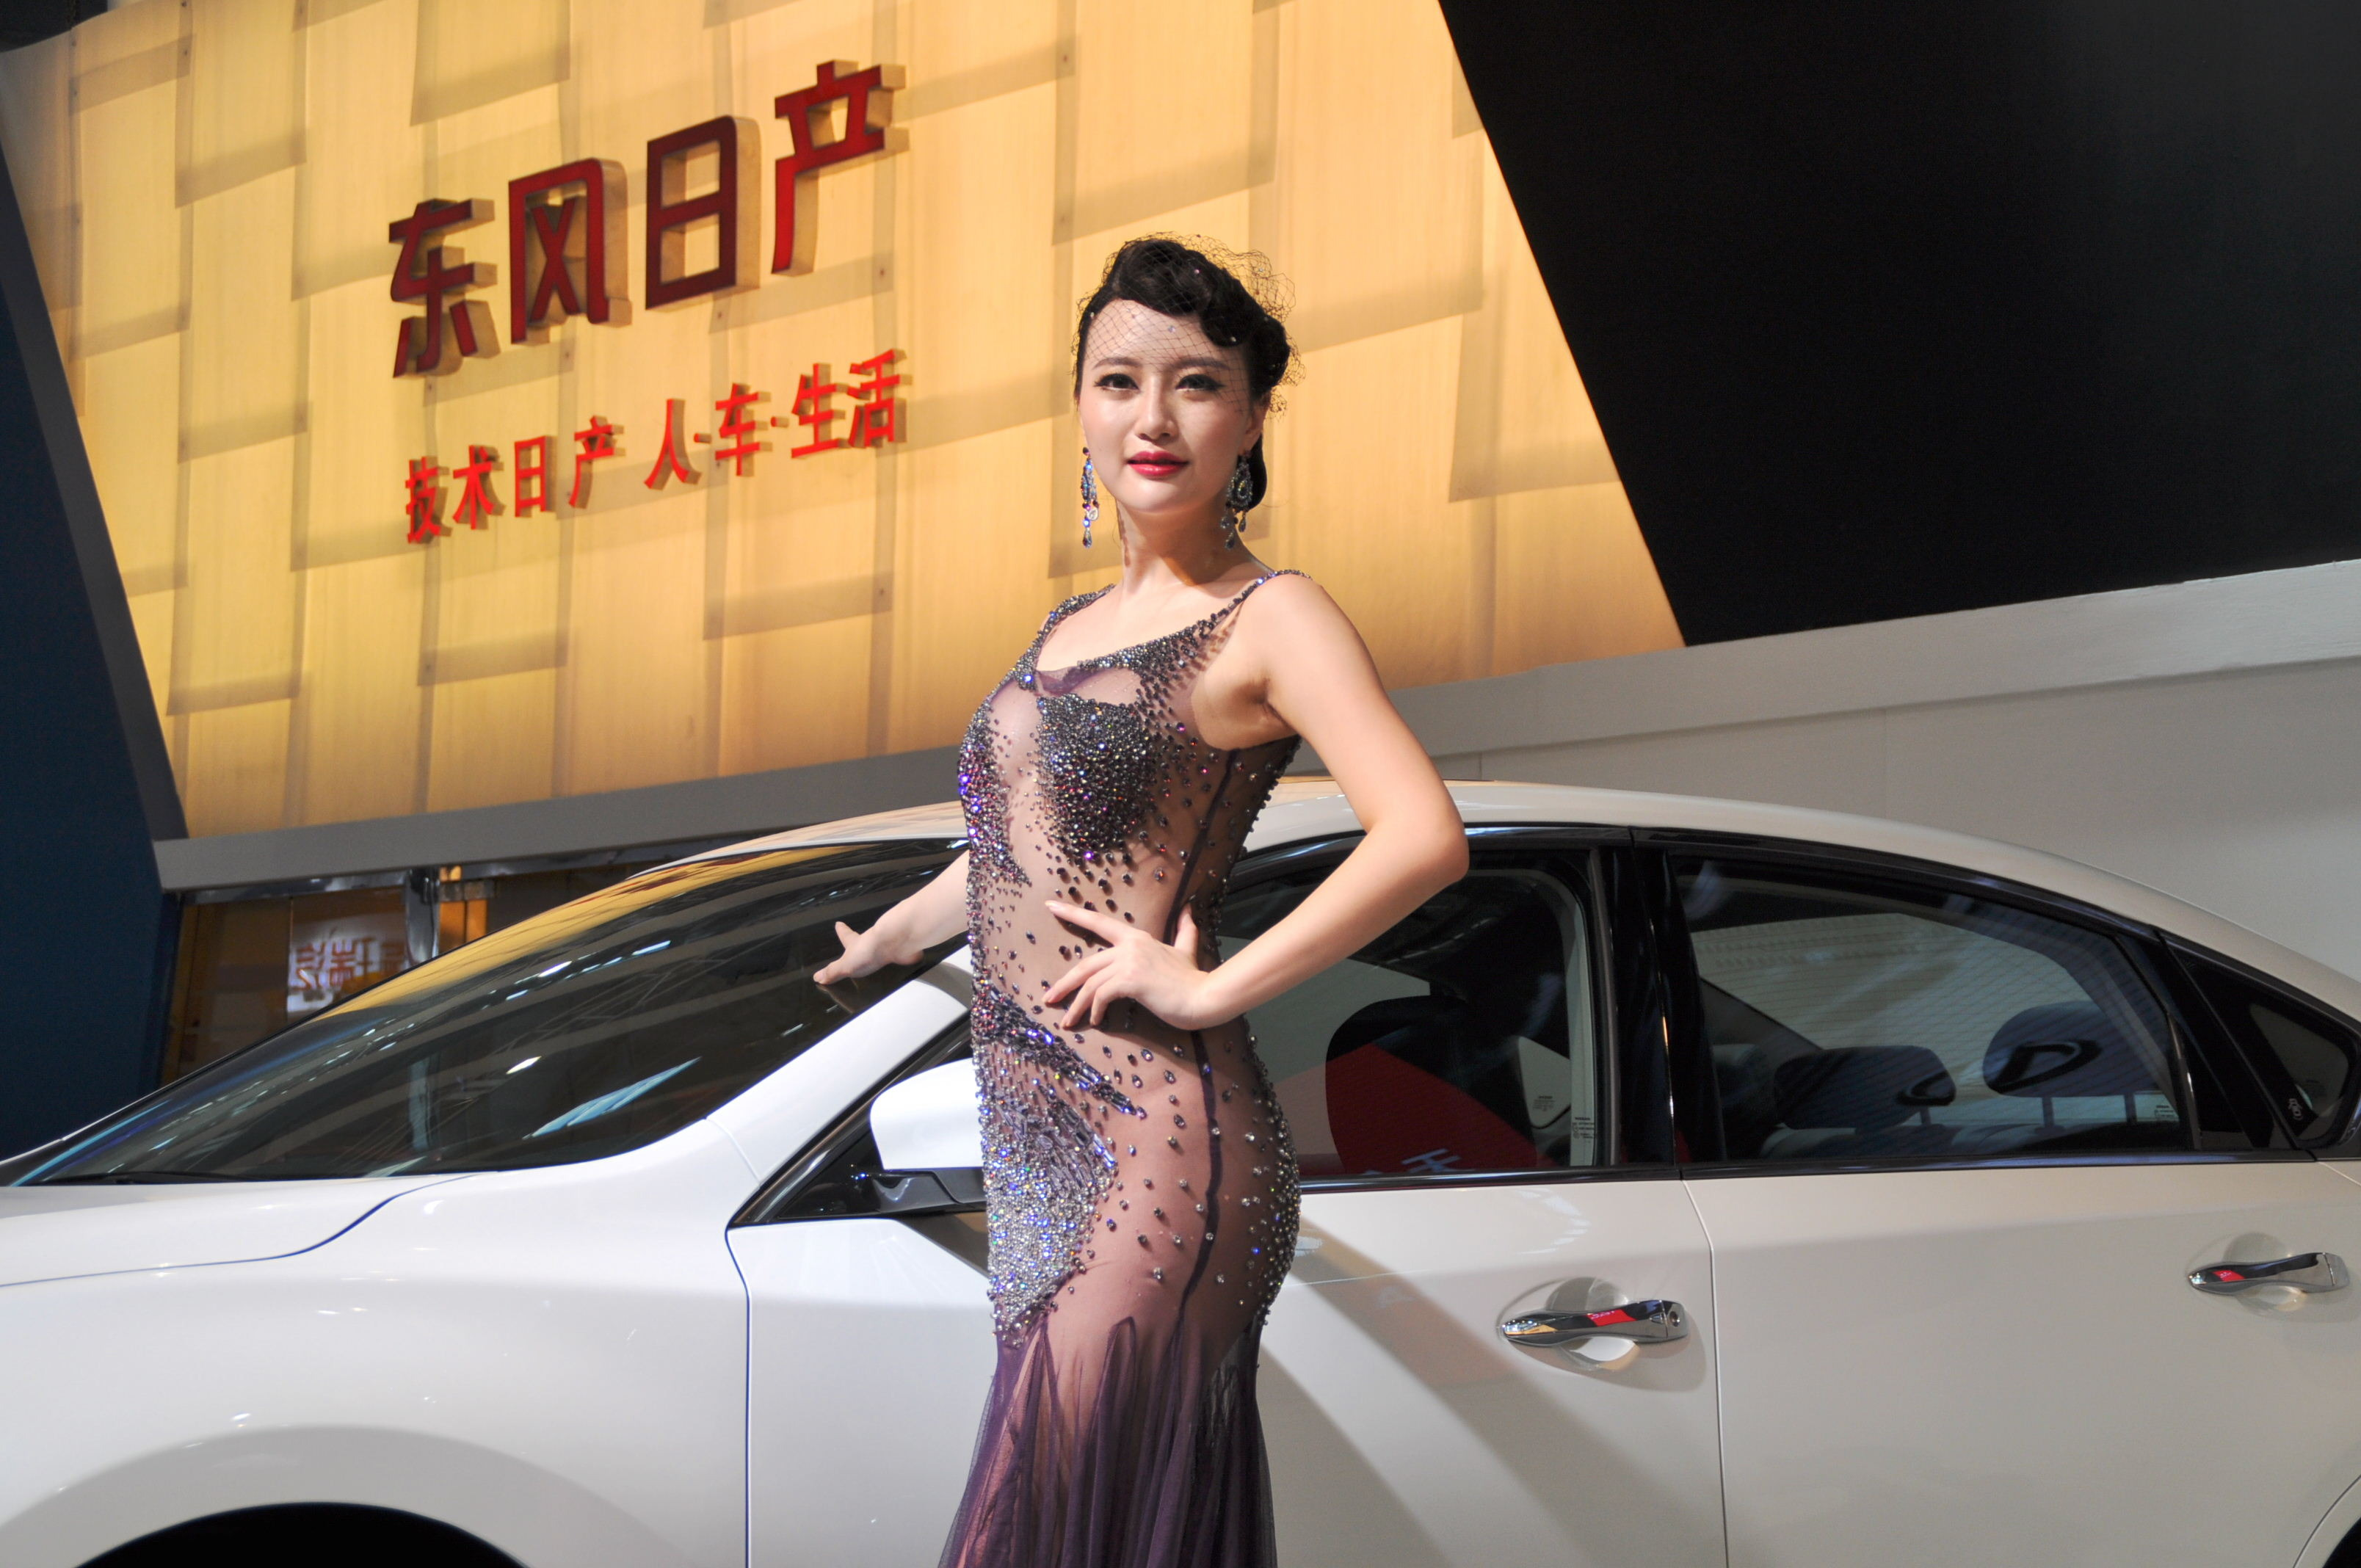 盘点因车展出名的模特